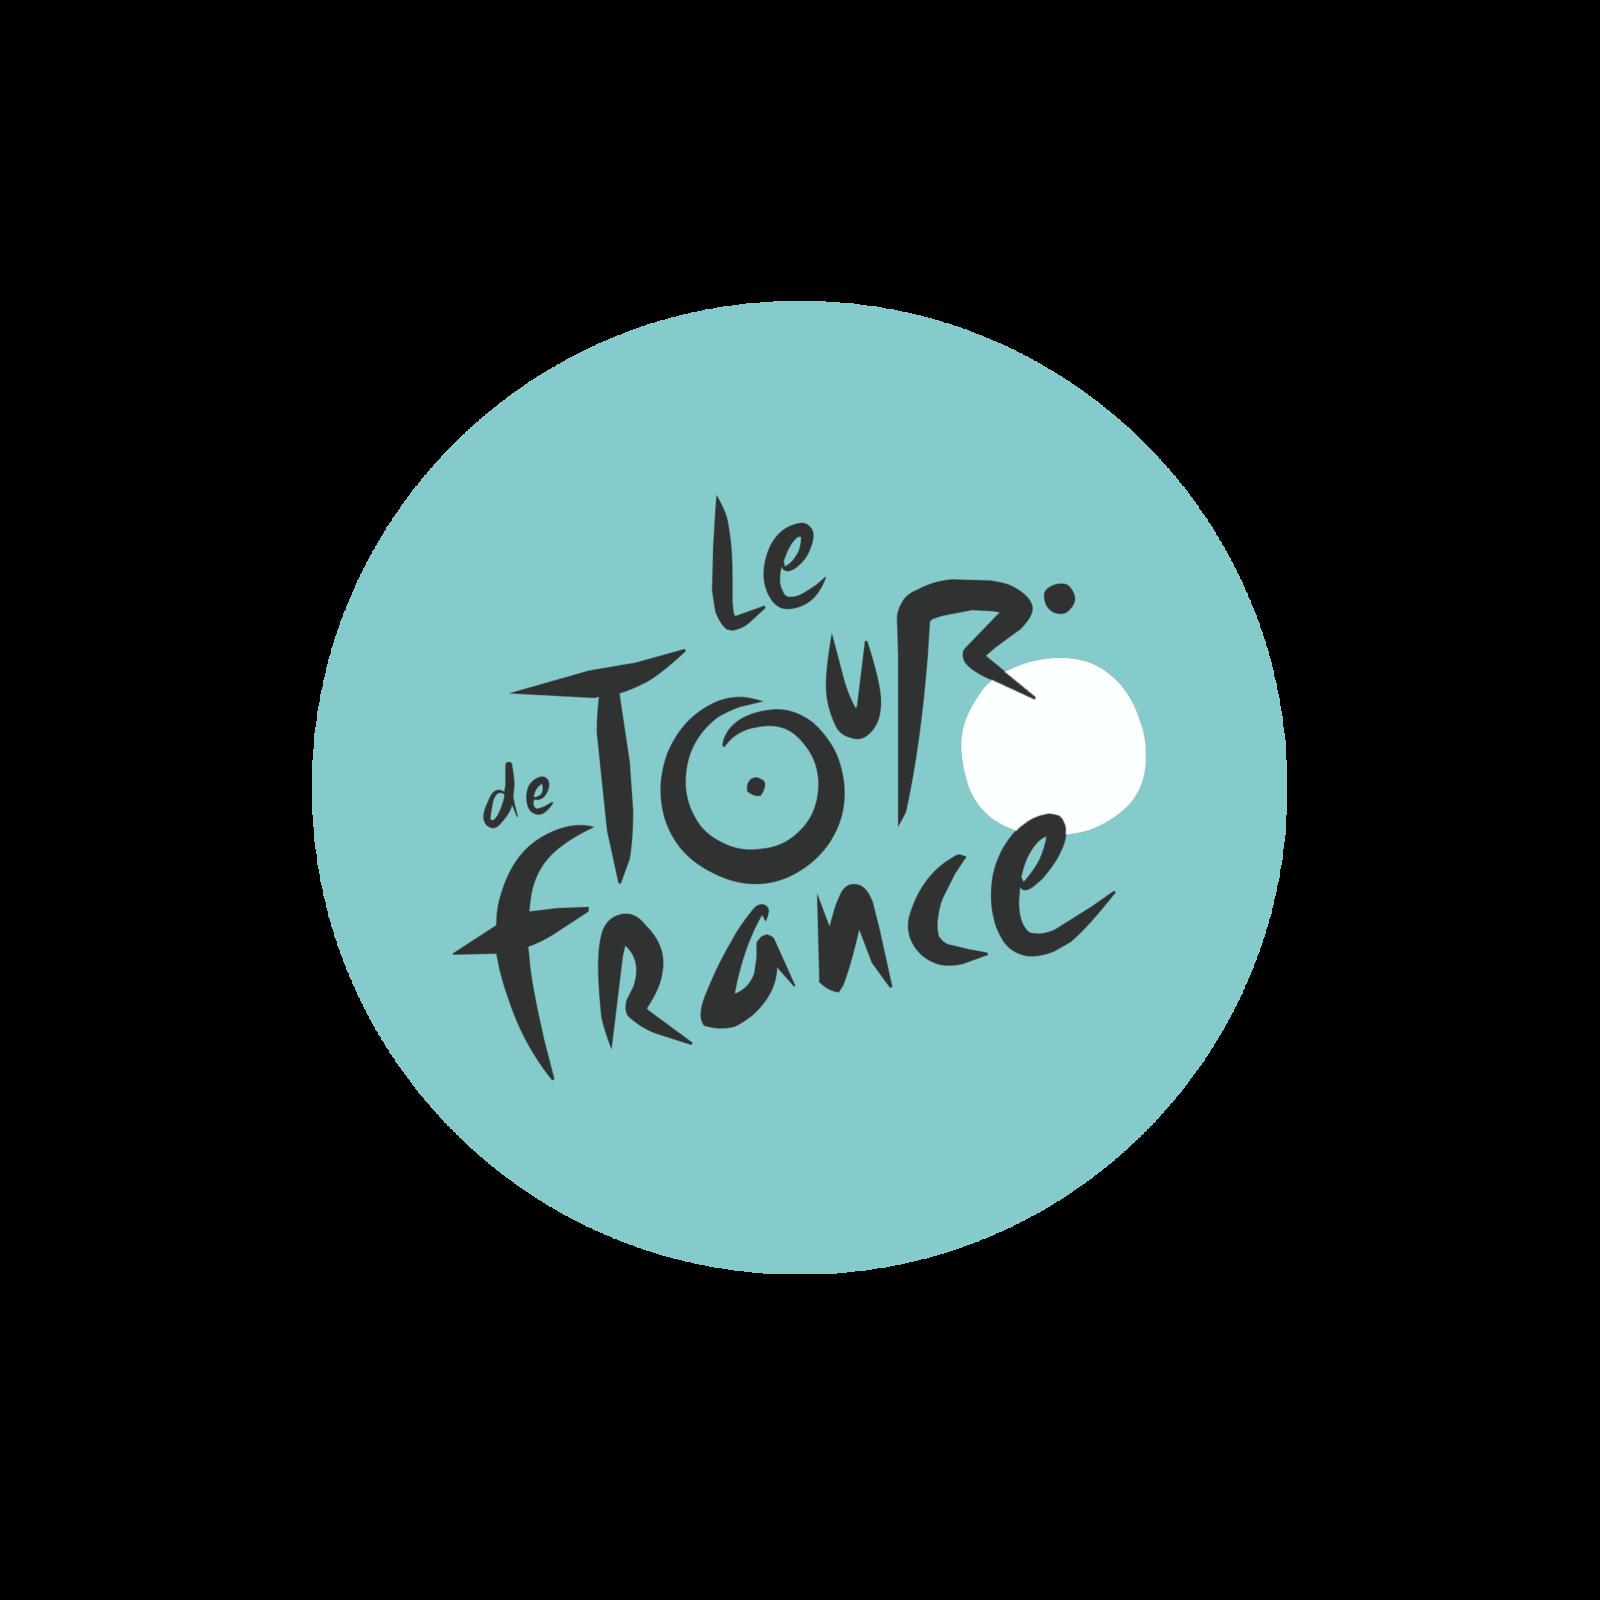 Les organisateurs annoncent officiellement que le Tour de France aura lieu du 9 août au 20 septembre 2020.